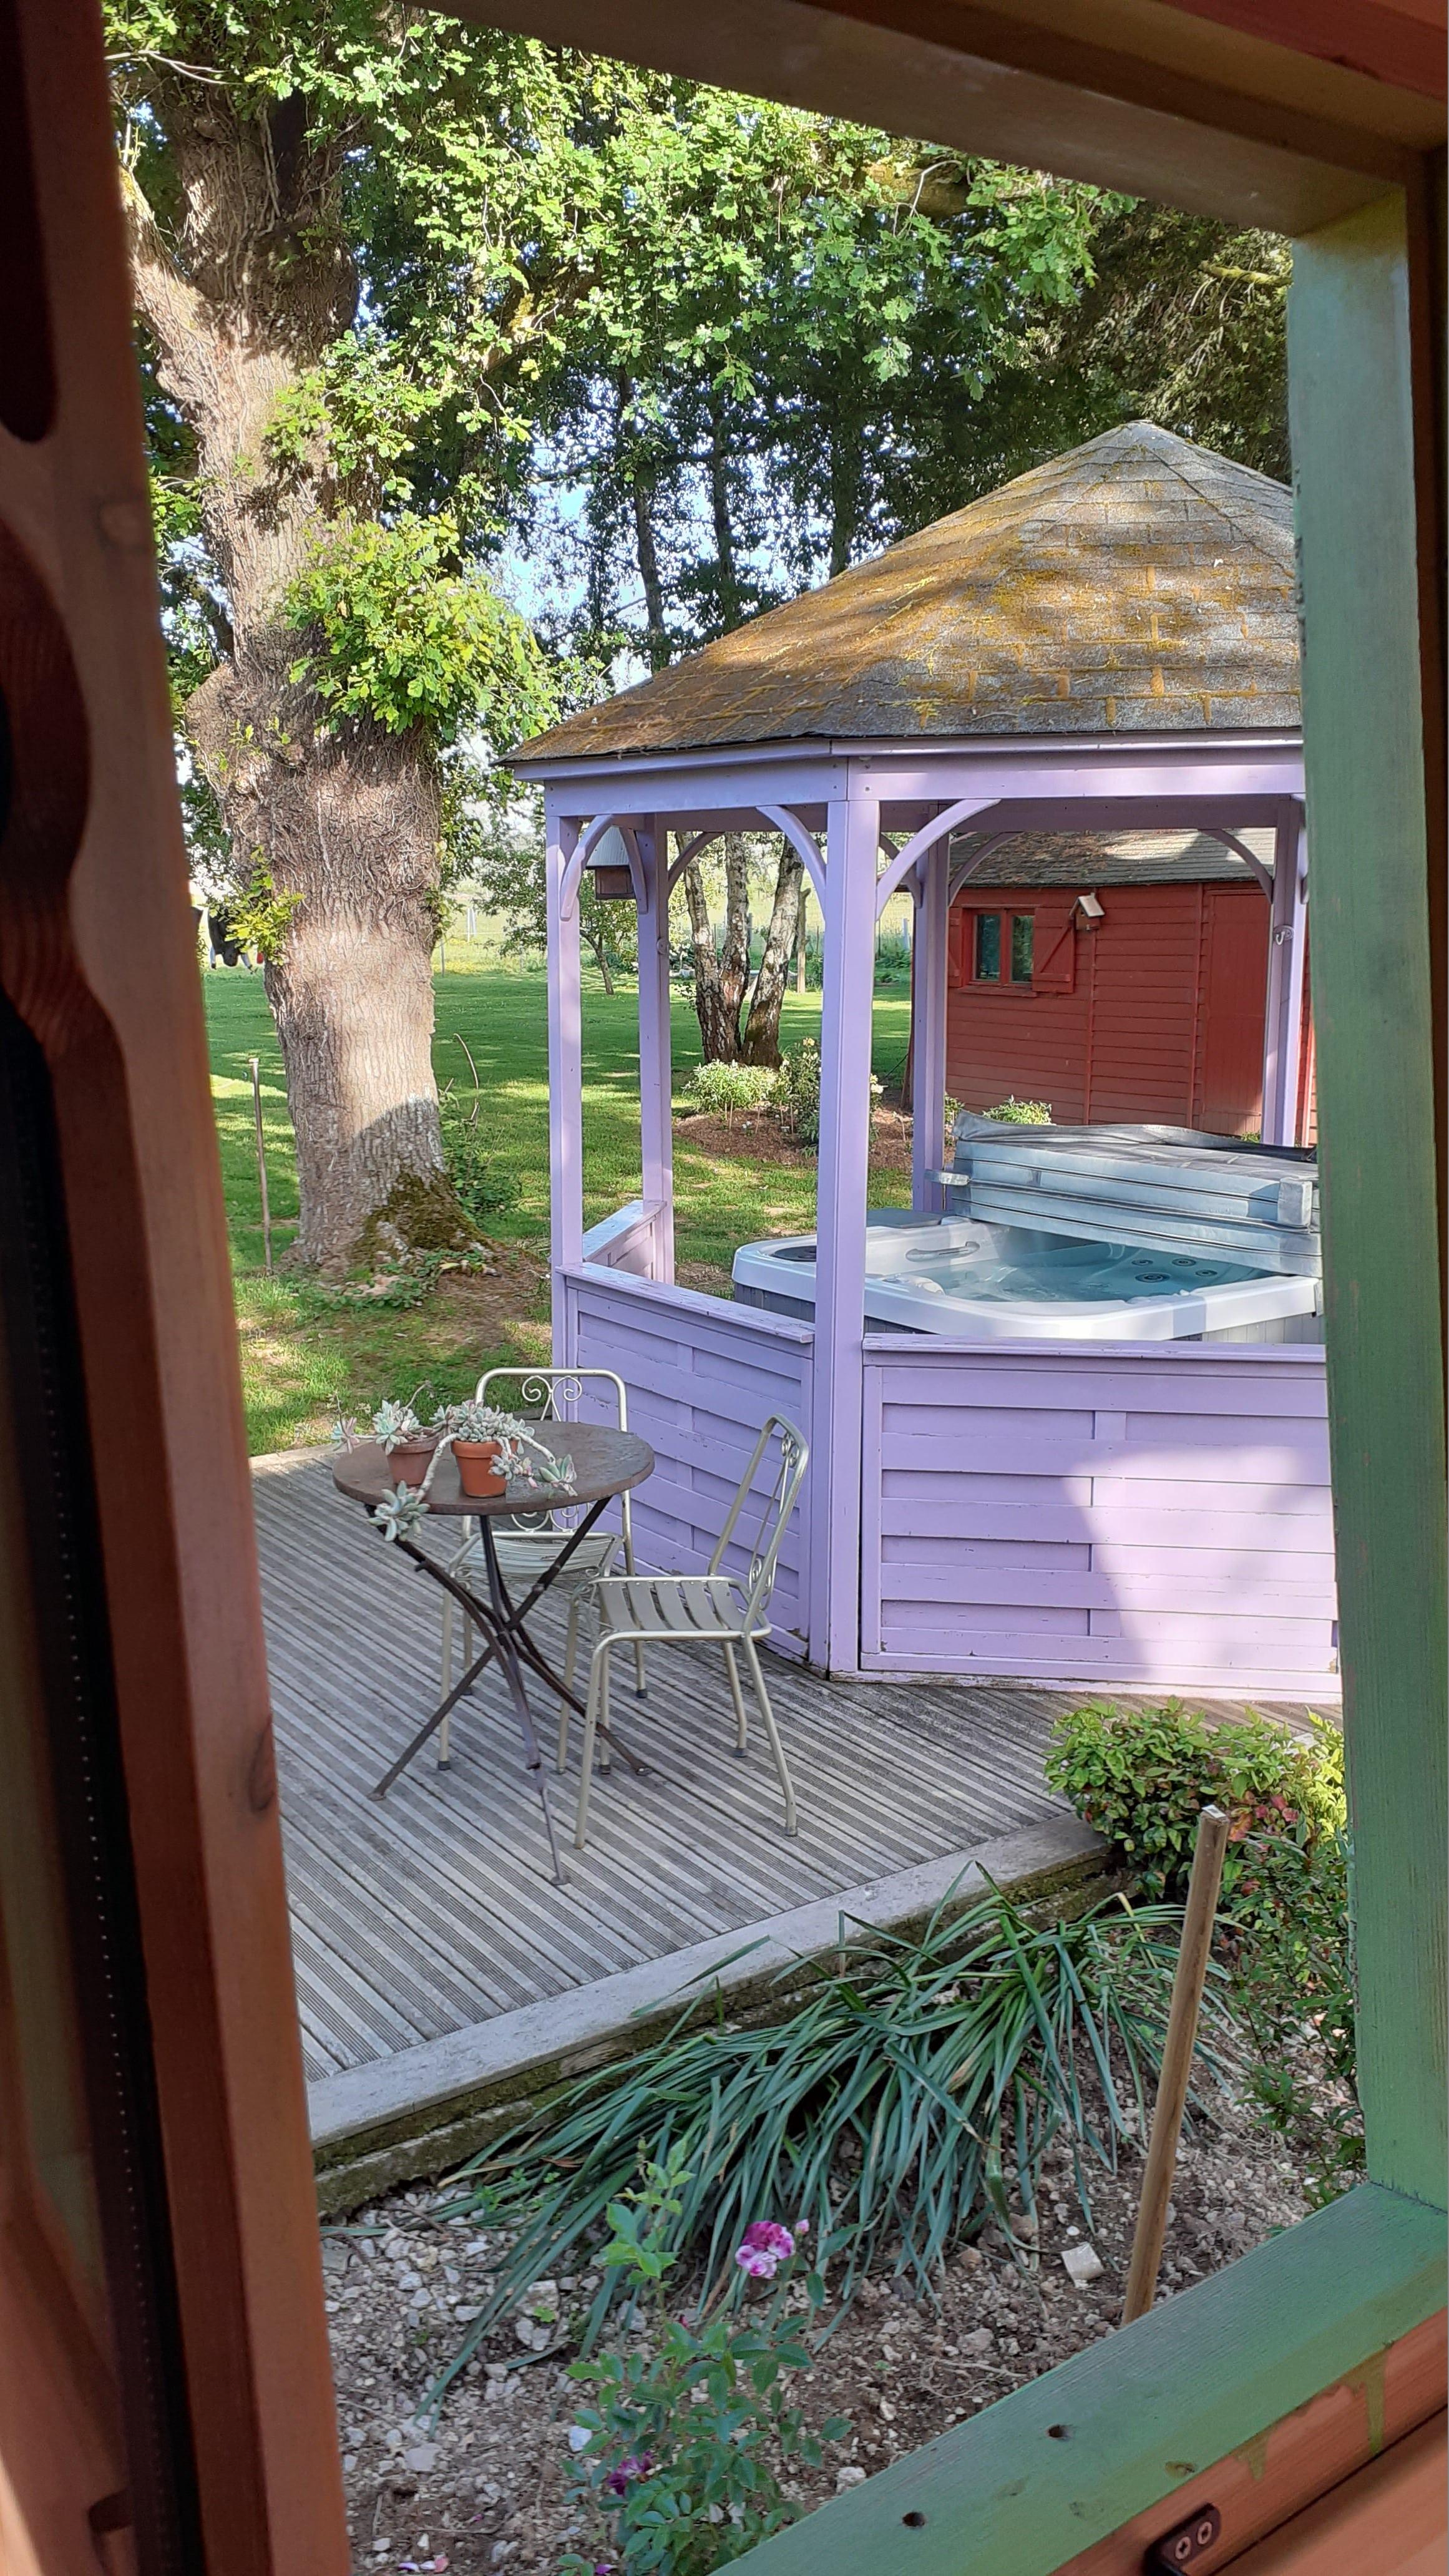 La roulotte s'ouvre sur le jardin.